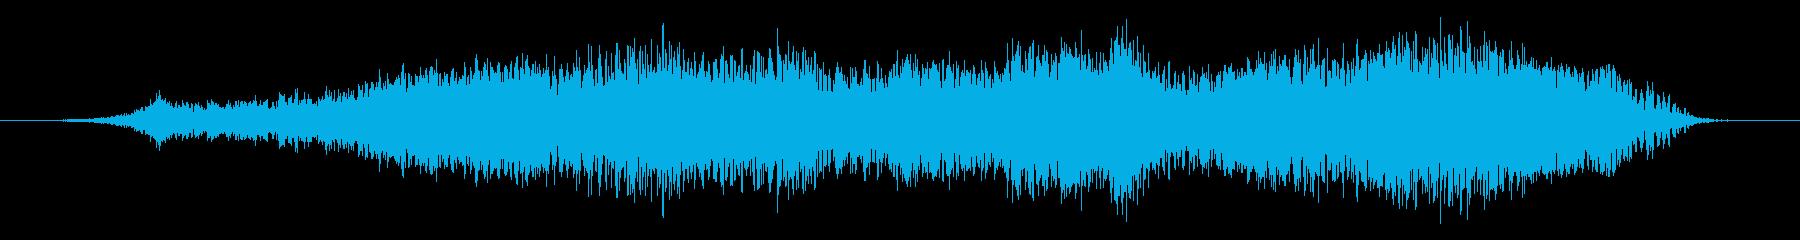 大型スラスター:動力、宇宙着陸を増...の再生済みの波形